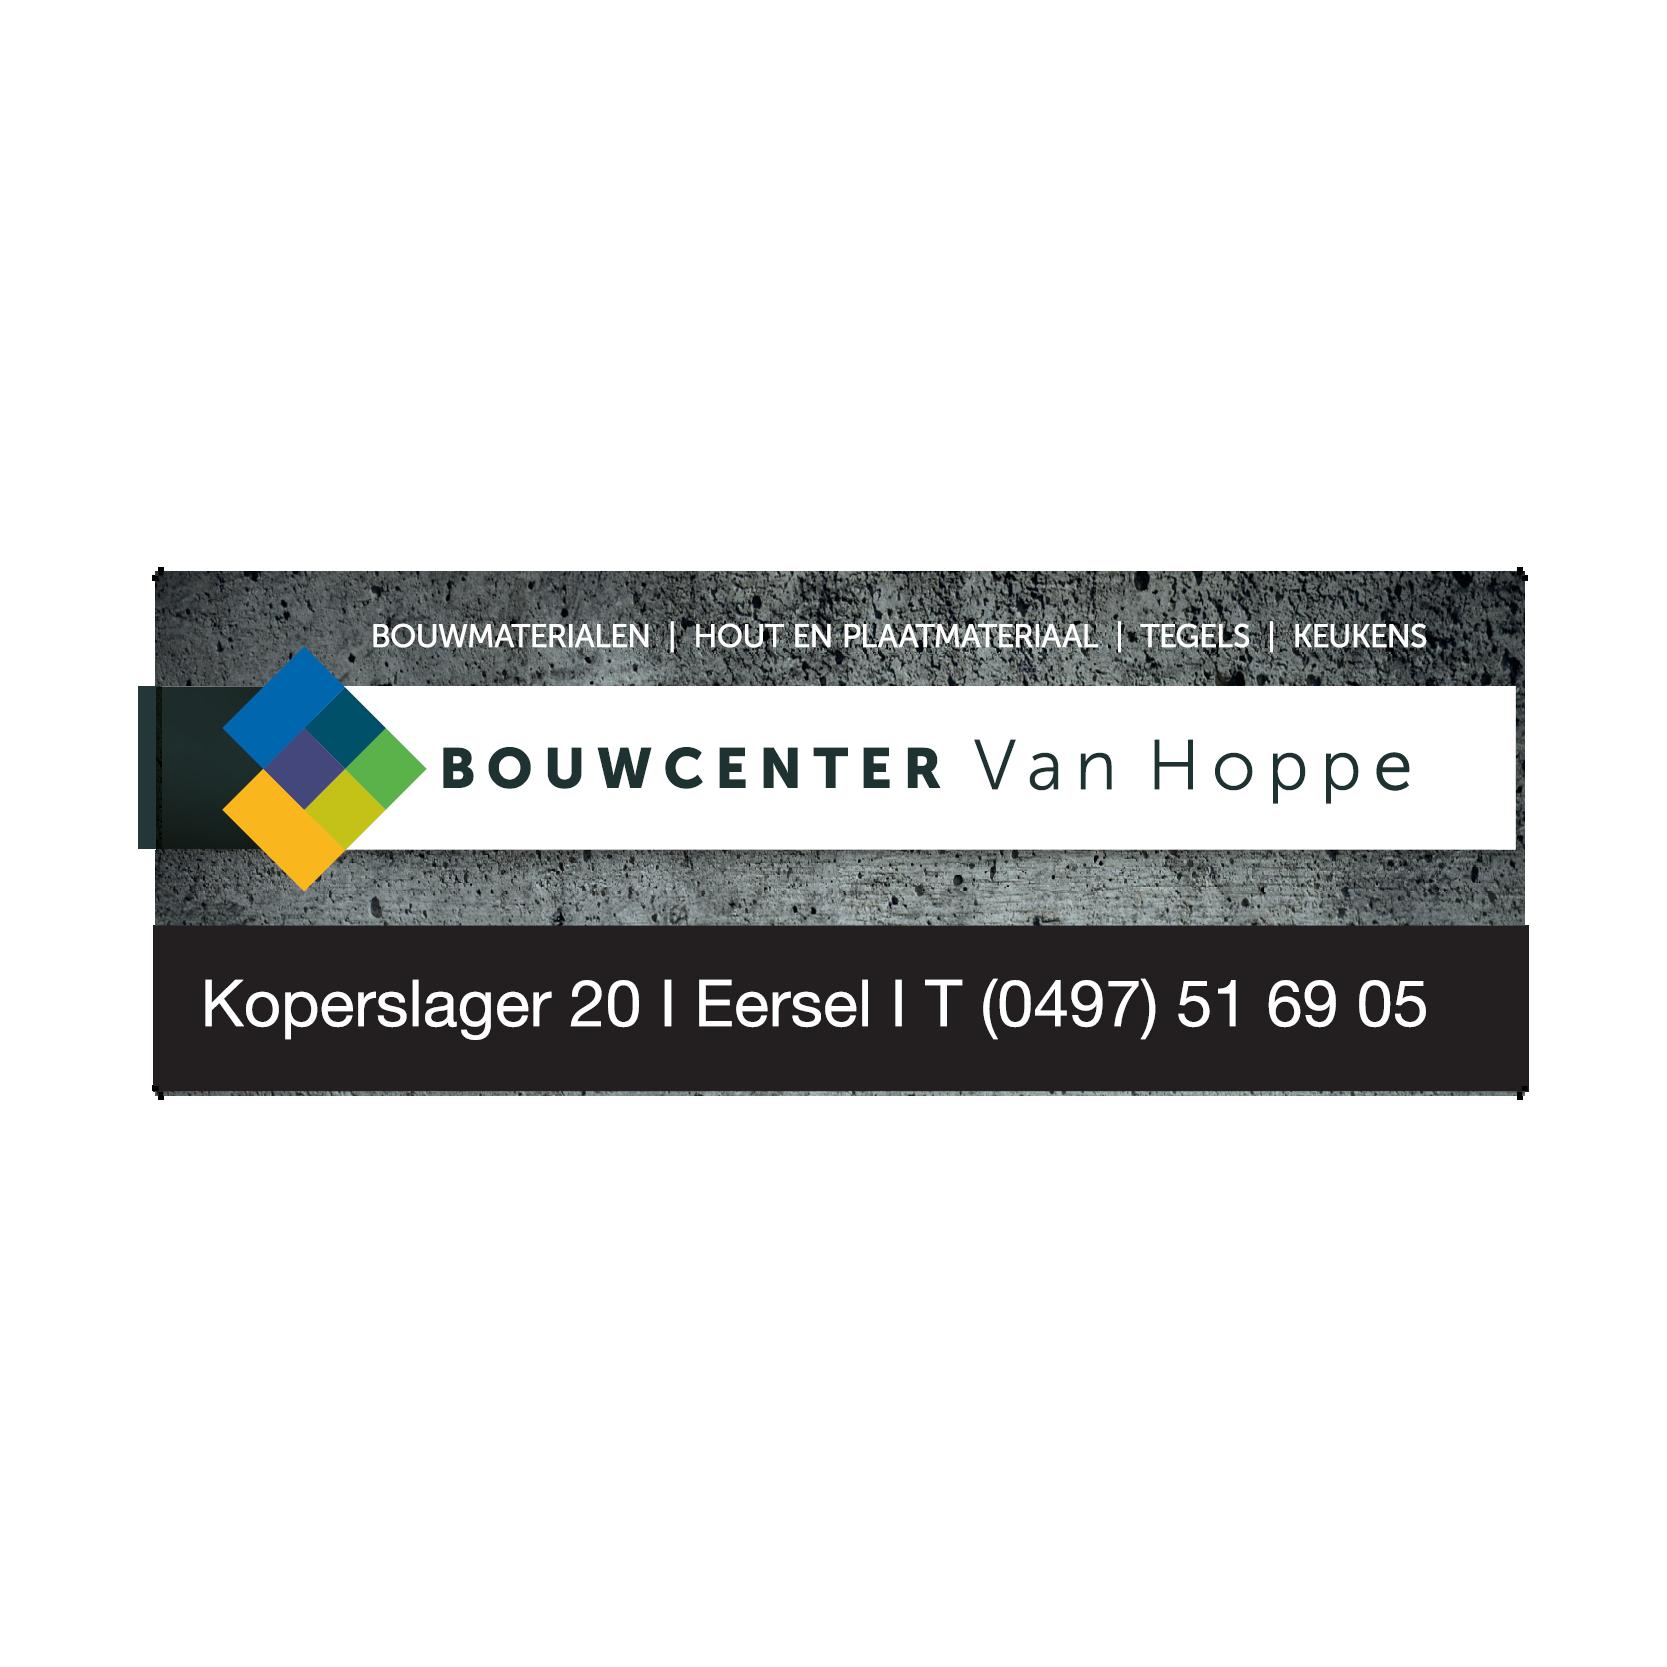 Bouwcenter Van Hoppe